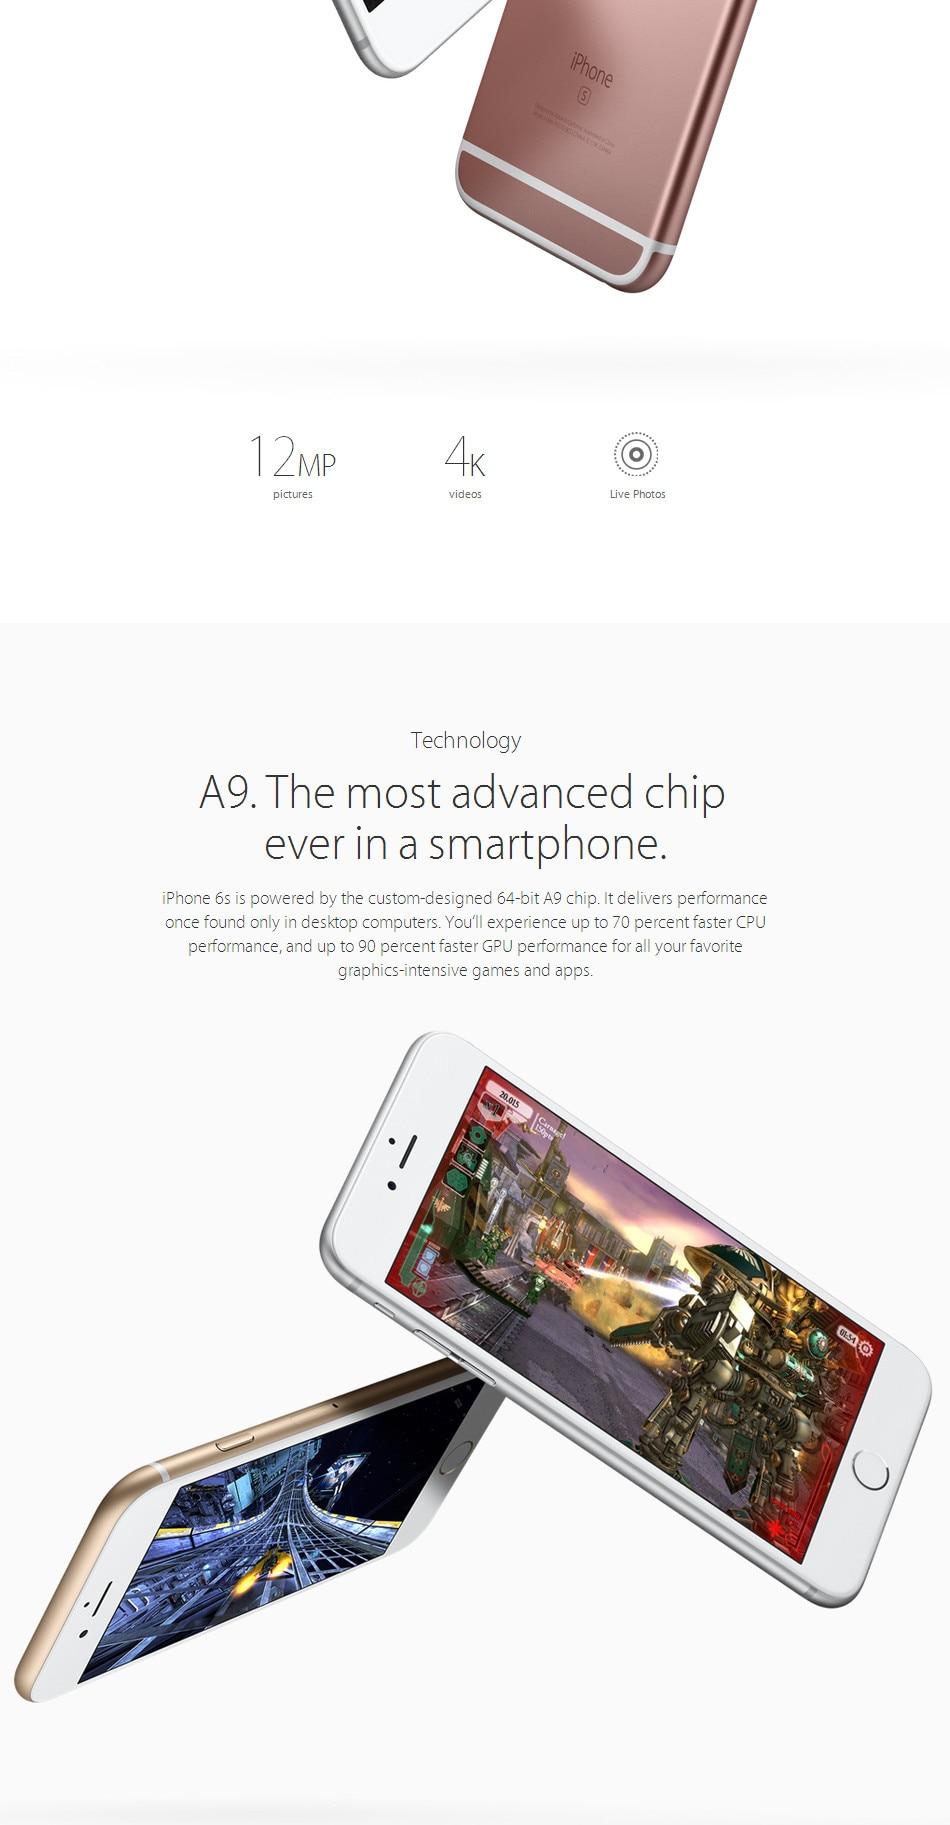 """6S разблокированный Apple iPhone 6S Plus смартфон 4,"""" IOS 16 Гб/64/128 ГБ Встроенная память 2 Гб оперативной памяти 12.0MP двухъядерный A9 4 аппарат не привязан к оператору сотовой связи для б/у мобильных телефонов"""